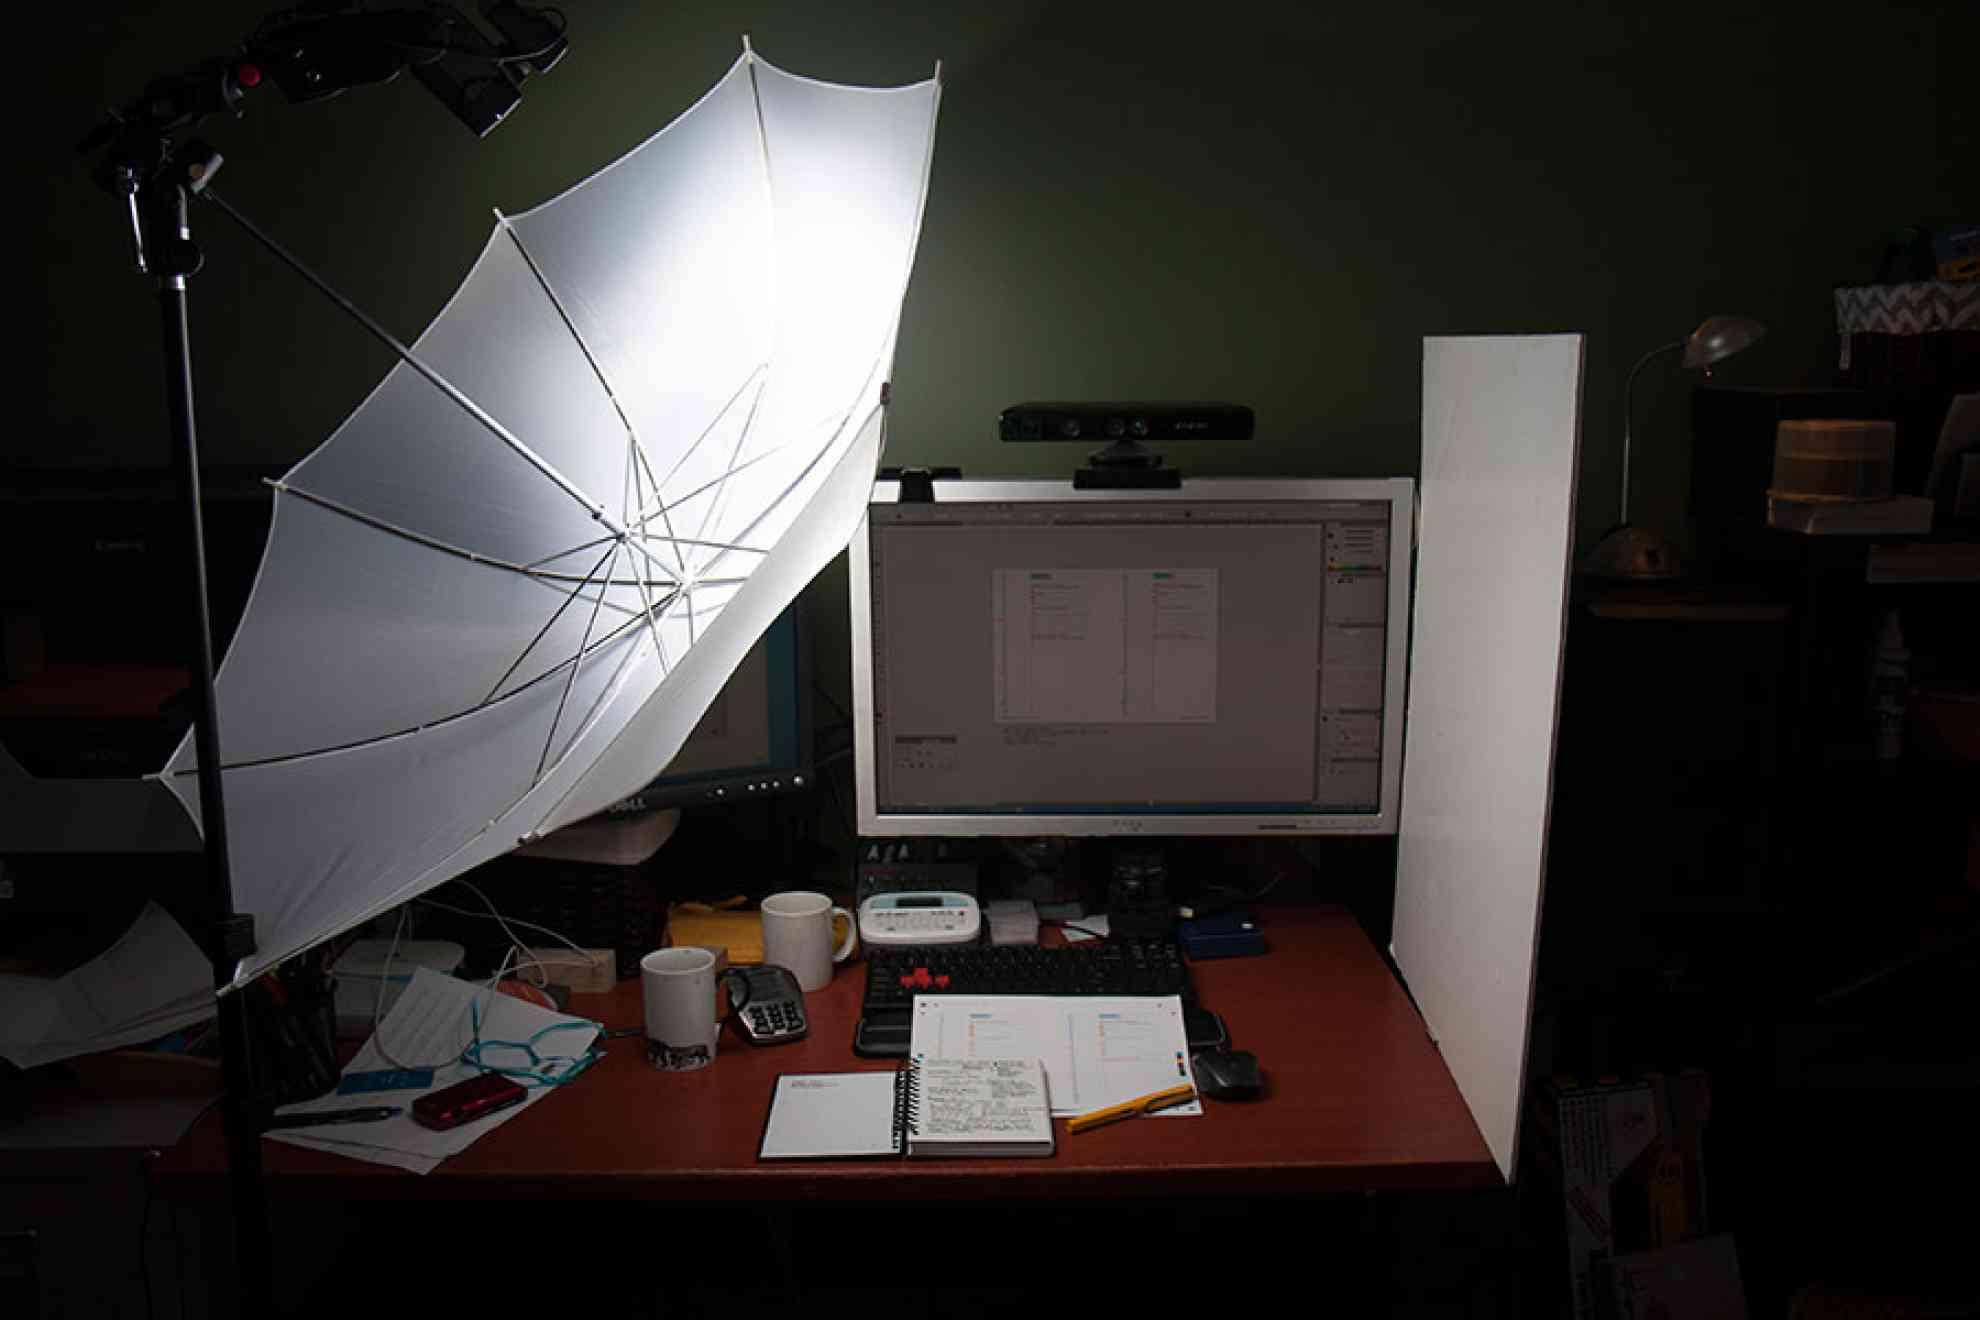 SetupDesktop